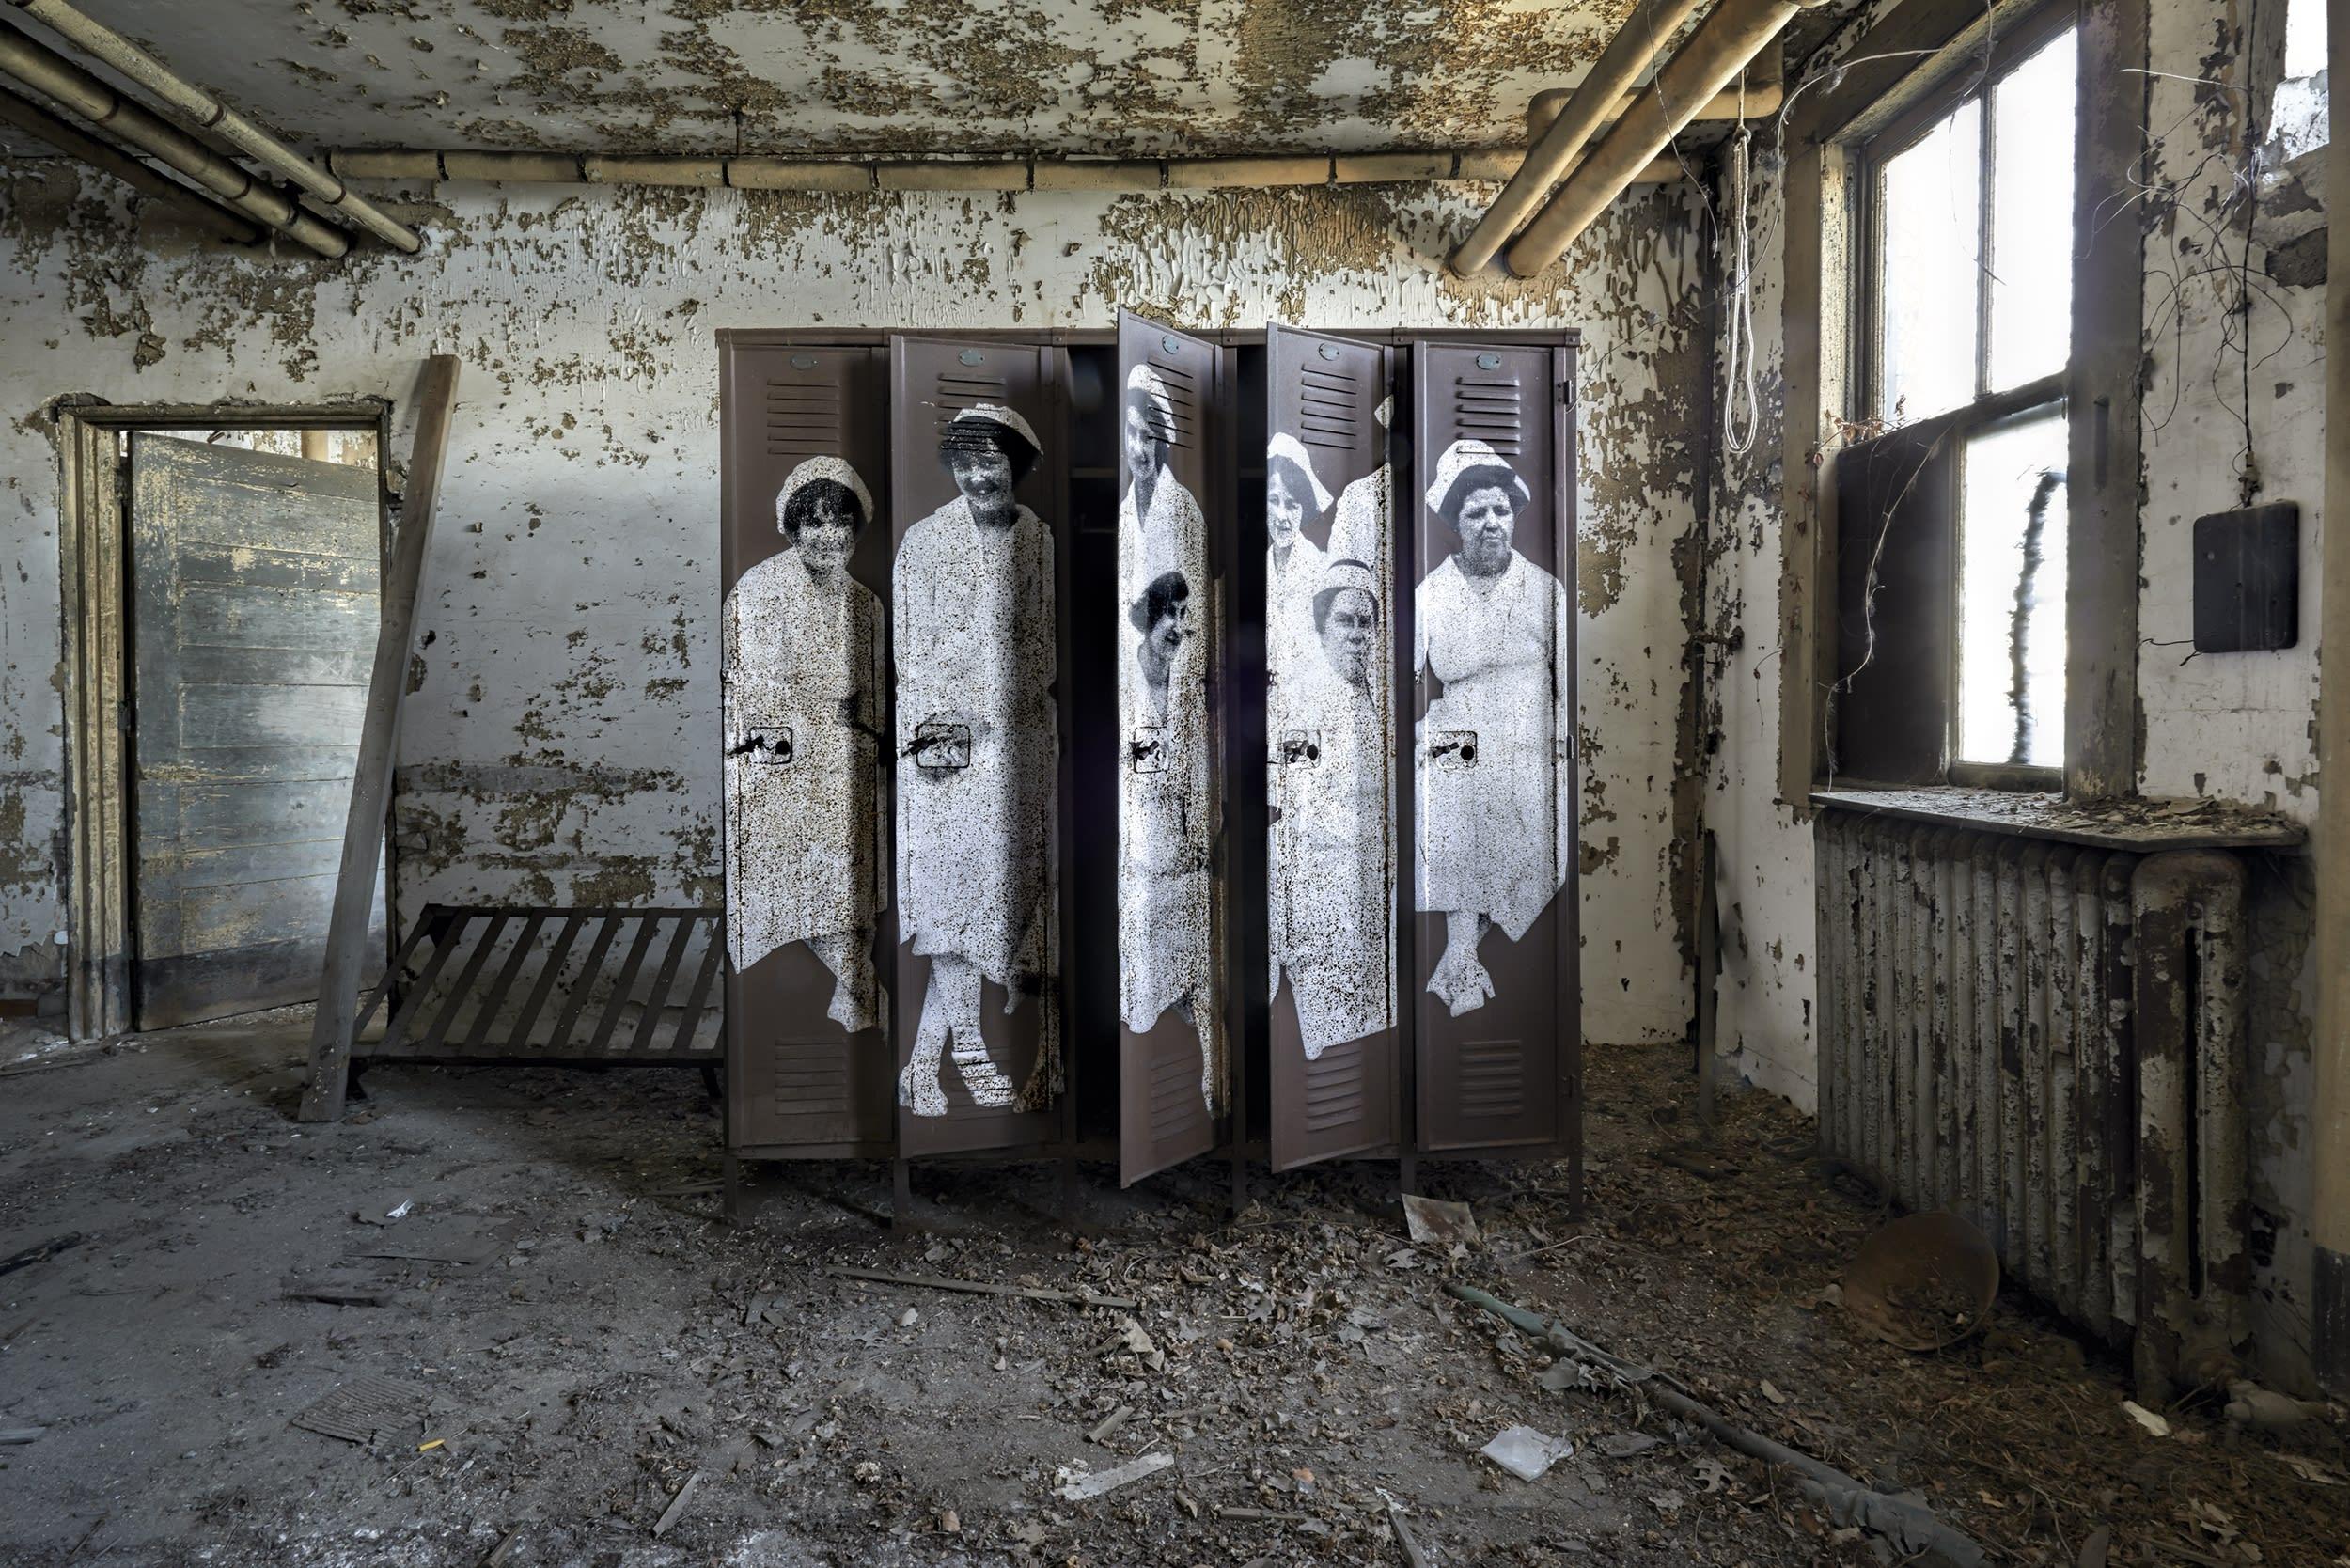 JR | Unframed, Ellis island